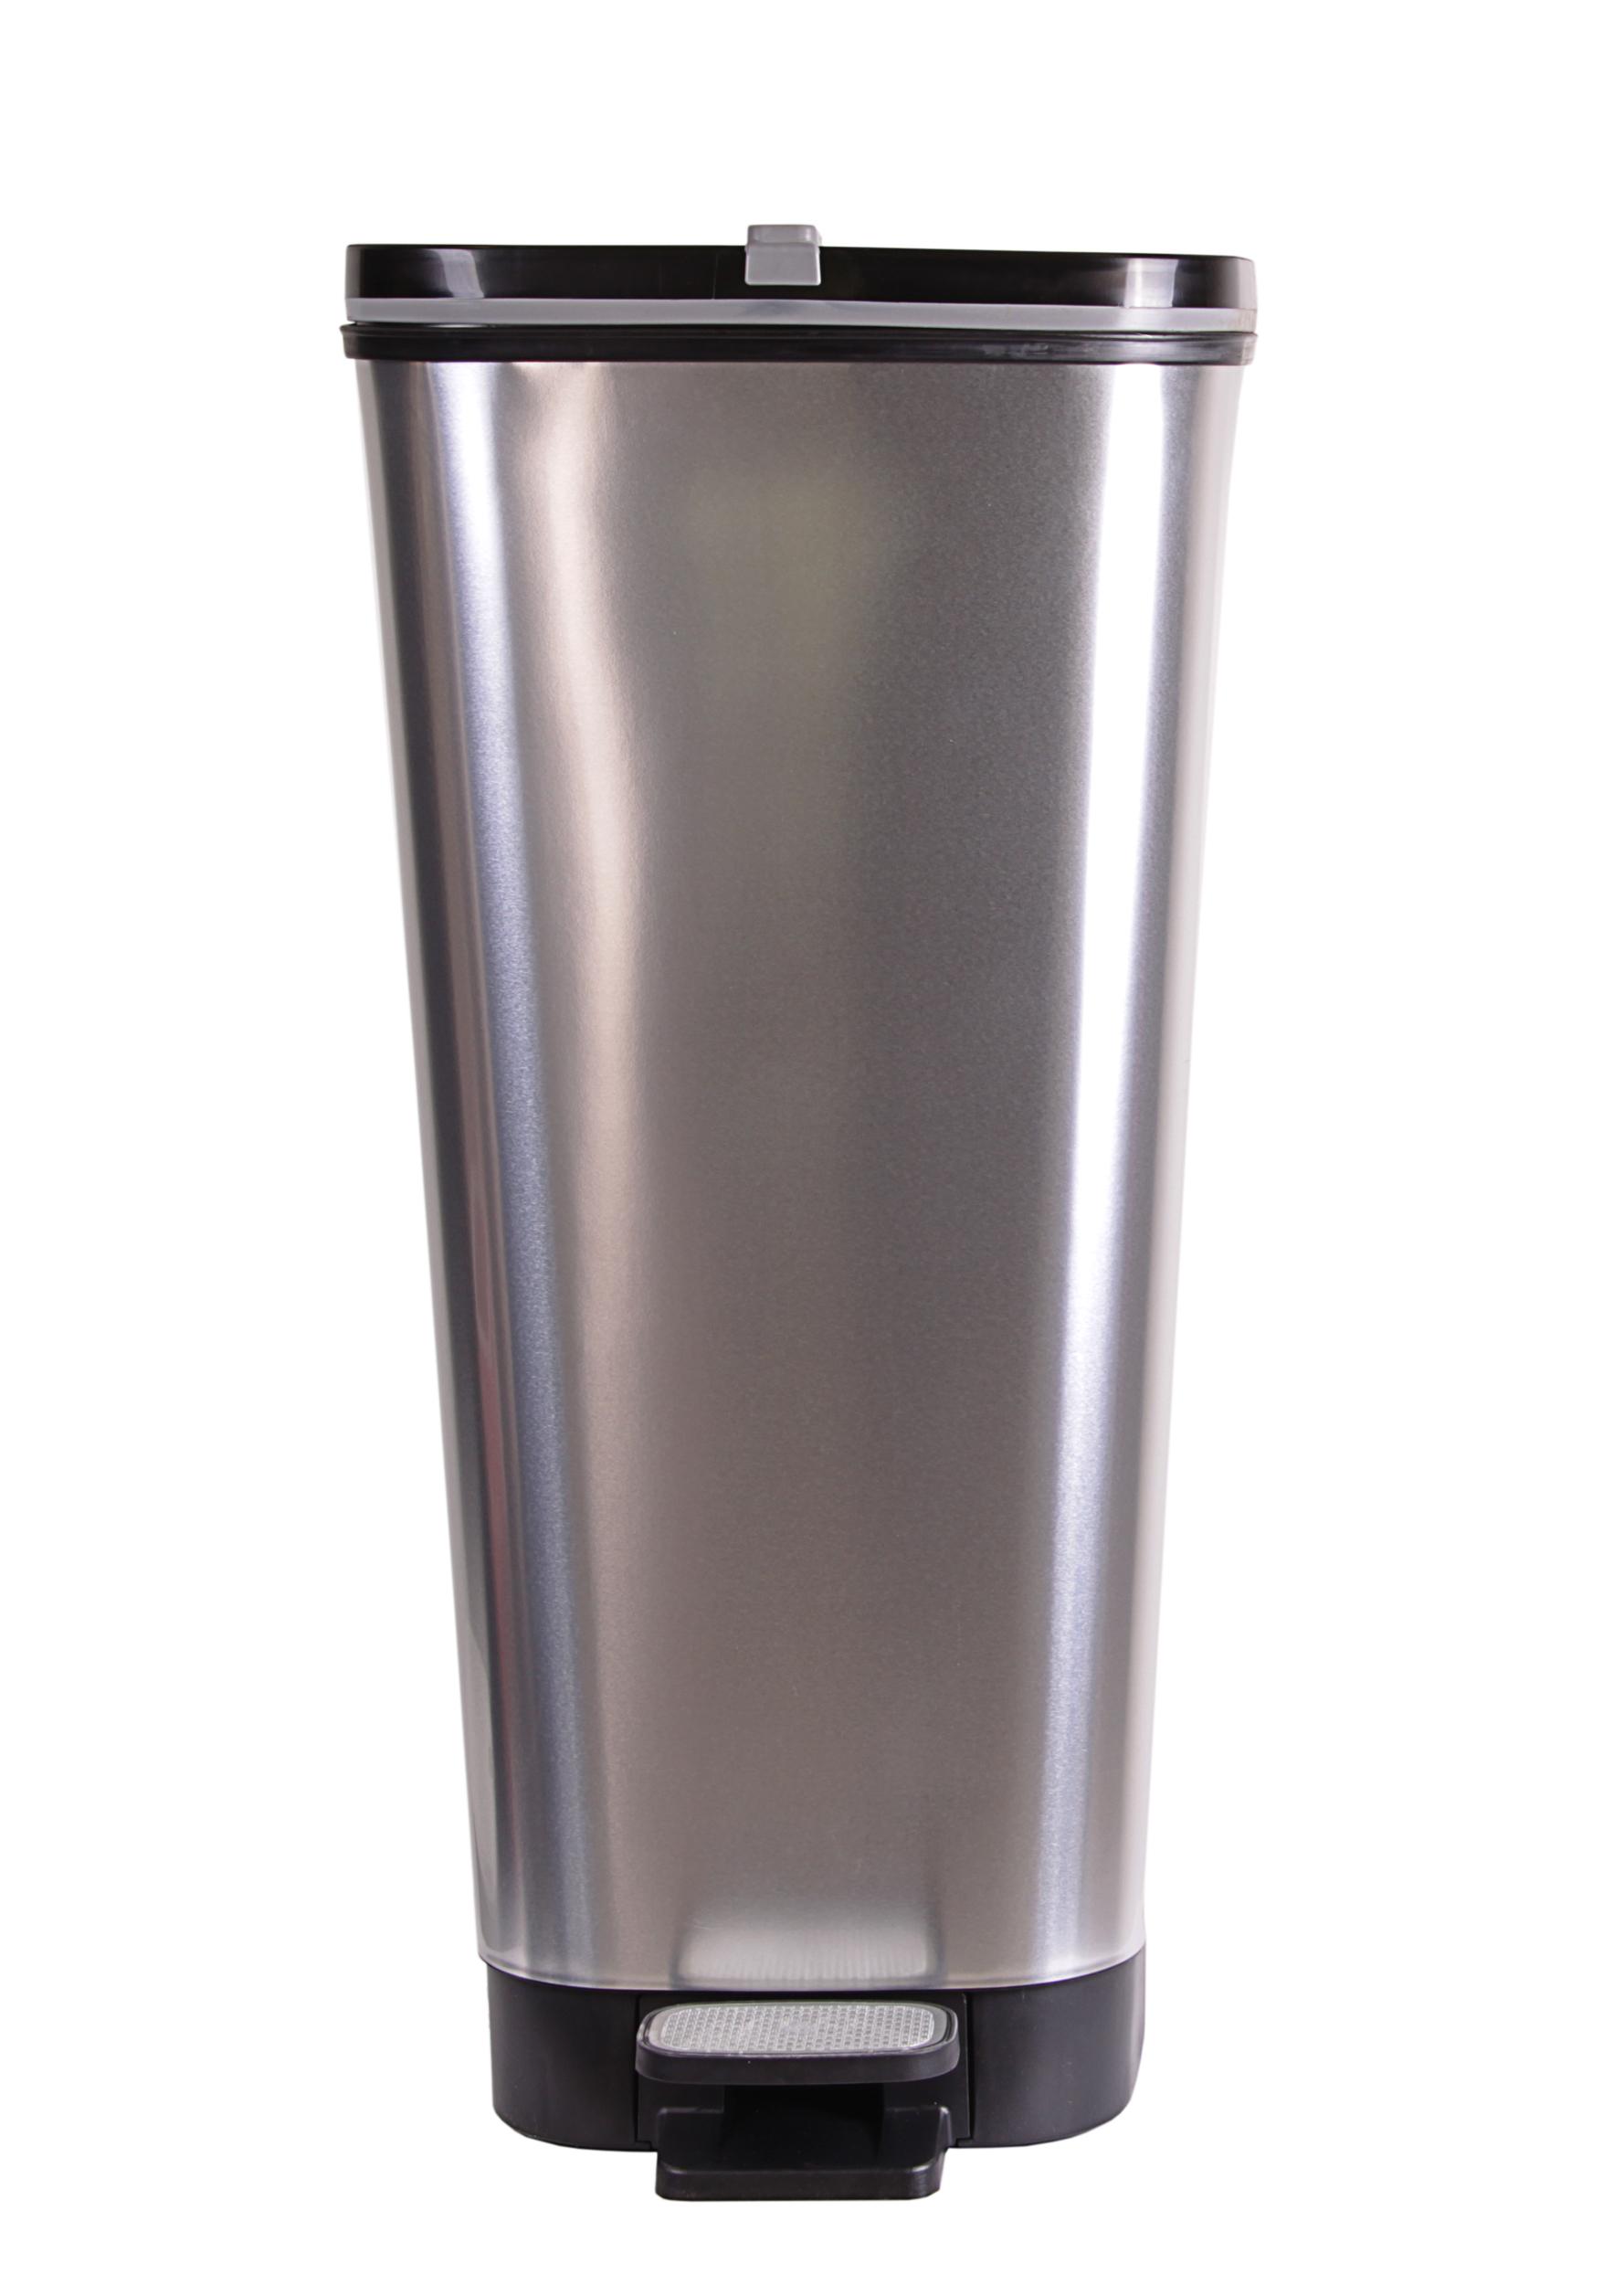 ondis24 abfalleimer m lleimer chic silber 45 liter g nstig online kaufen. Black Bedroom Furniture Sets. Home Design Ideas